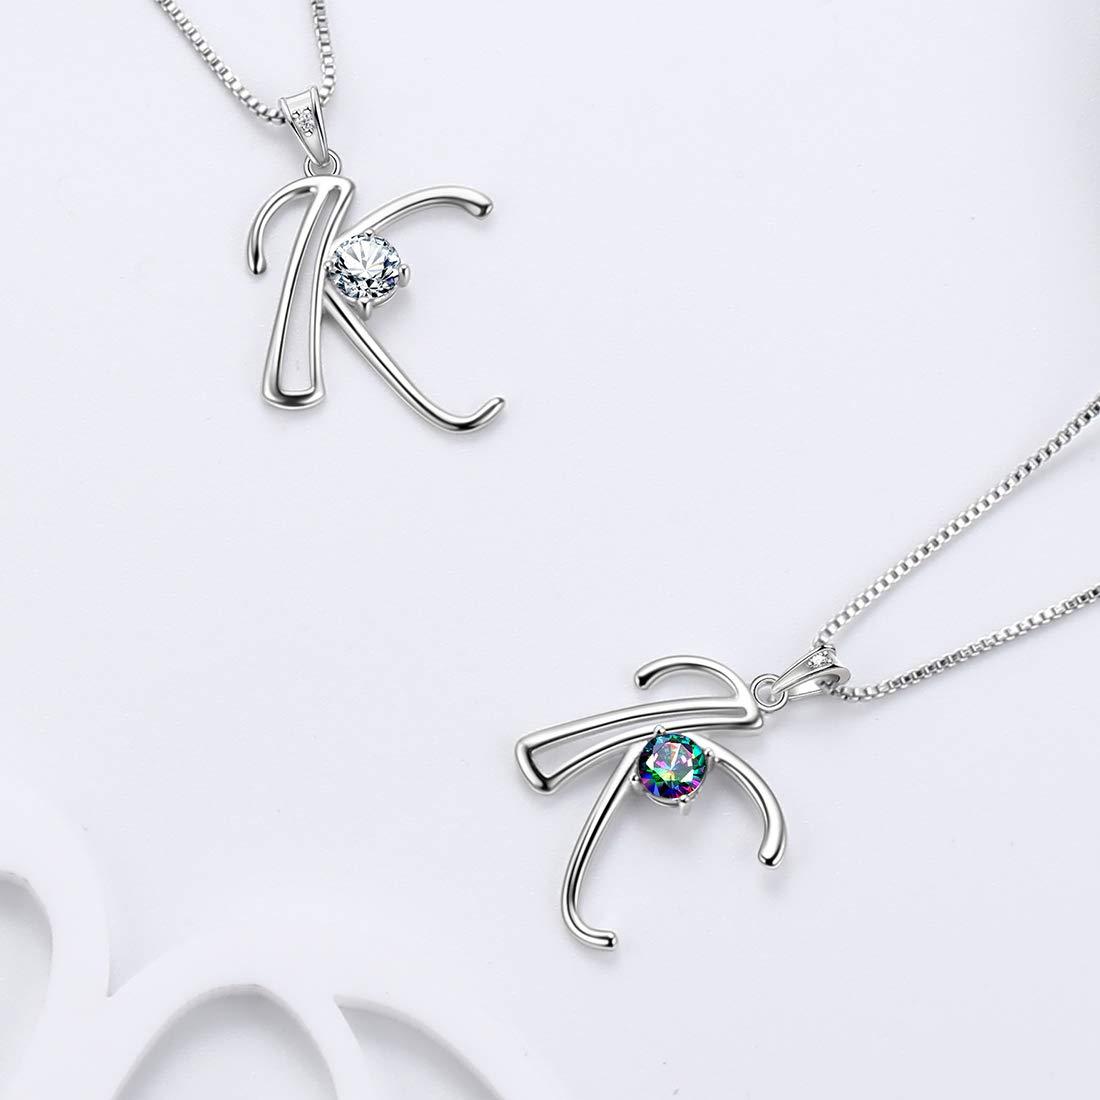 Aurora Tears Ciondolo con Alfabeto Iniziale dalla A alla Z 26 collane in Argento Sterling 925 con Regali mistici di Topazio Arcobaleno Mistico per Donne e Ragazze